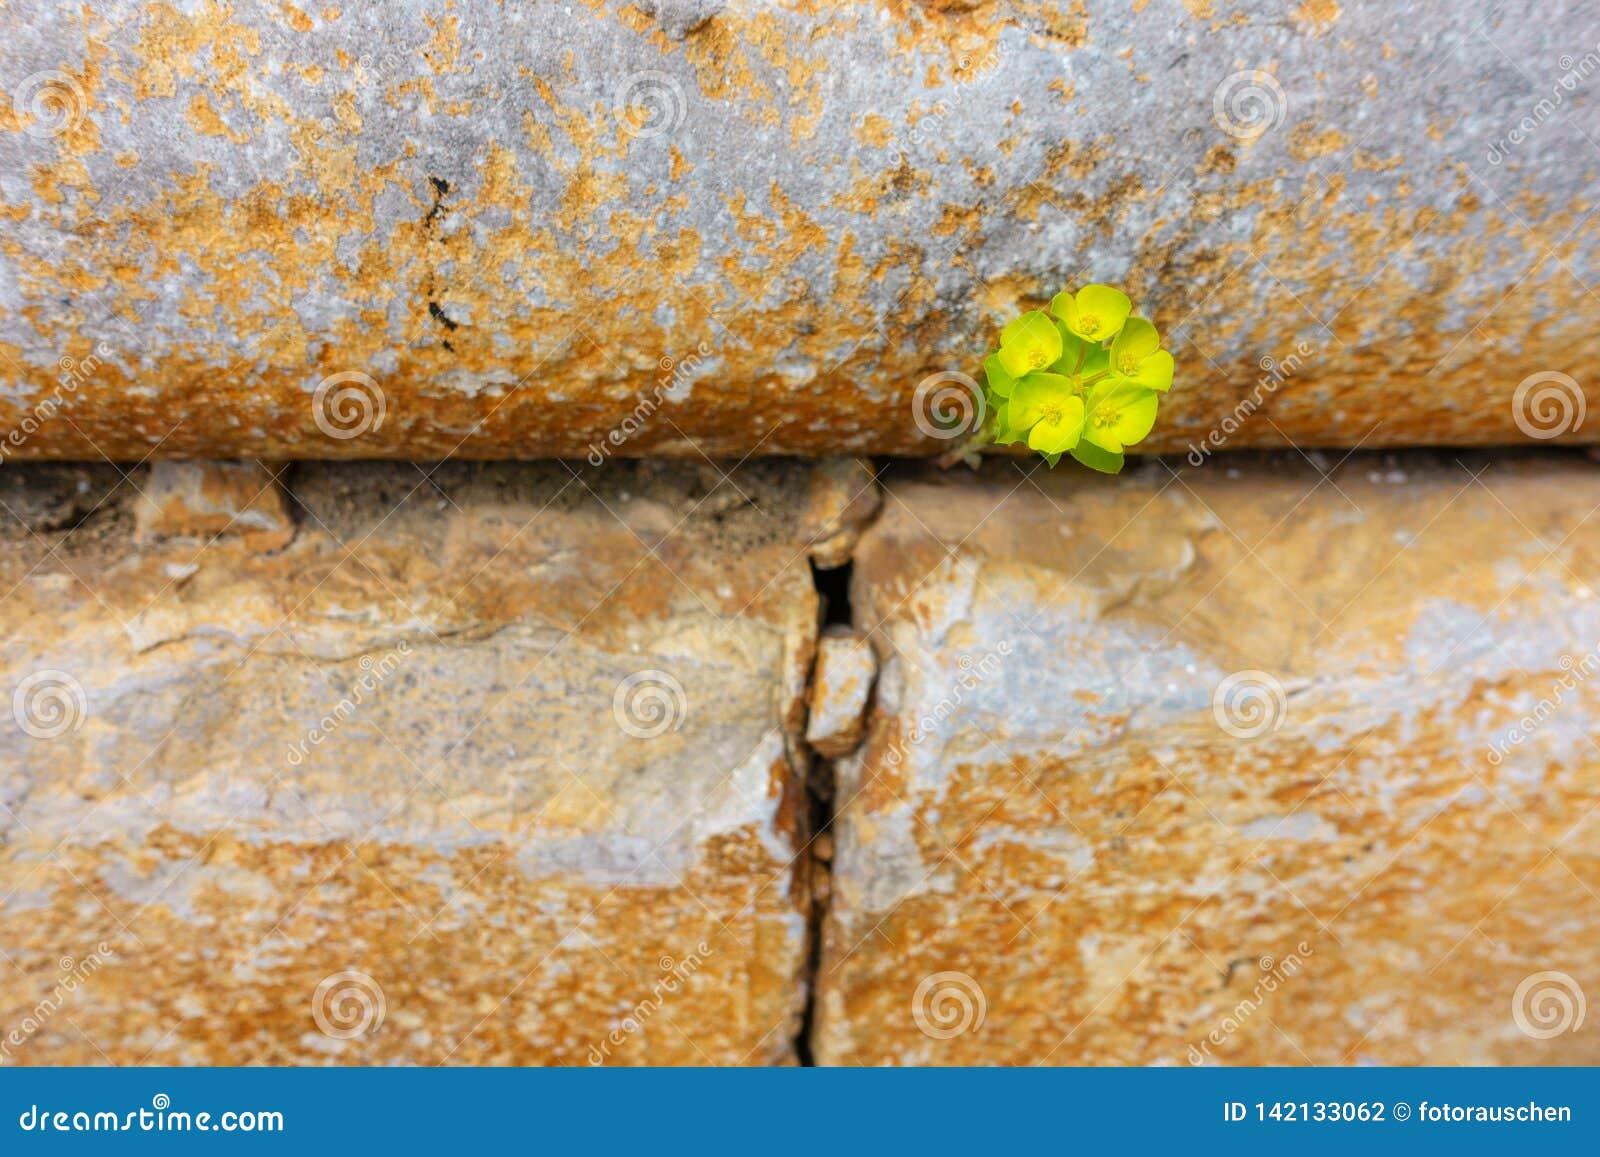 Atravessar a parede - a planta encontra que é própria maneira